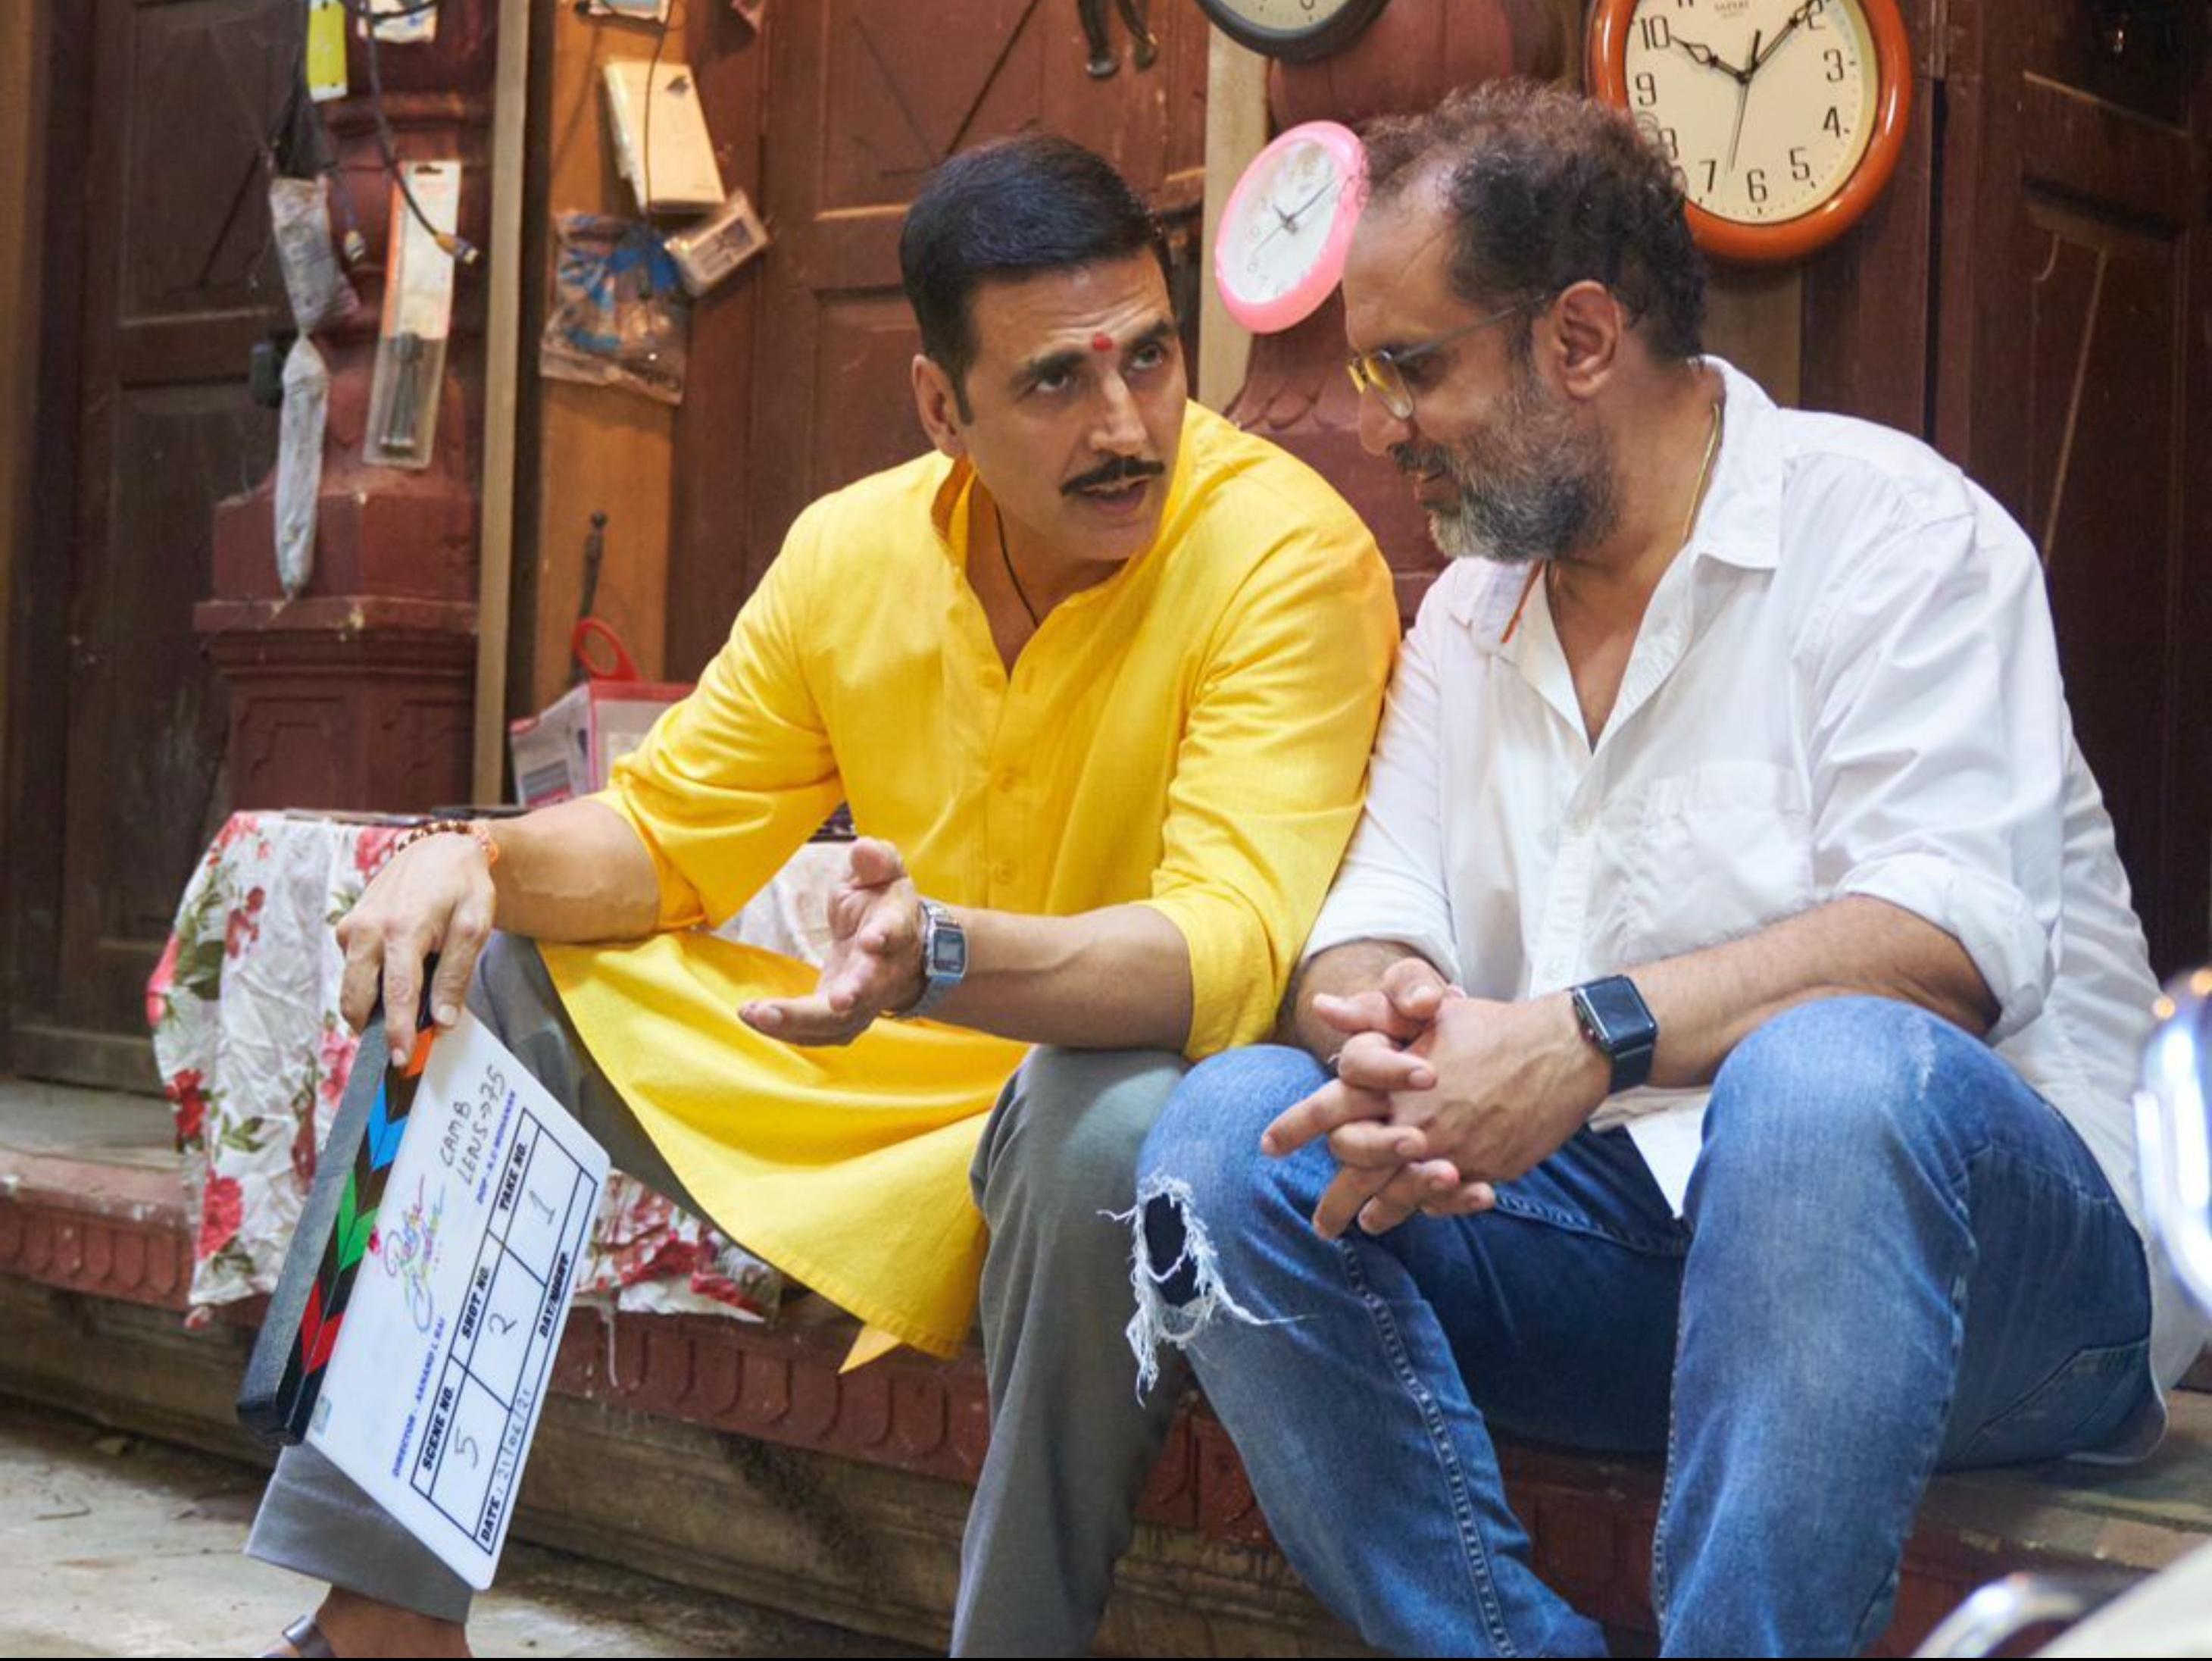 एक दिन में 16 फिल्मों की डेट; जॉन अब्राहम की 'सत्यमेव जयते 2' नवंबर में होगी रिलीज, अक्षय की 'रक्षाबंधन' अगले साल 11 अगस्त को|बॉलीवुड,Bollywood - Dainik Bhaskar